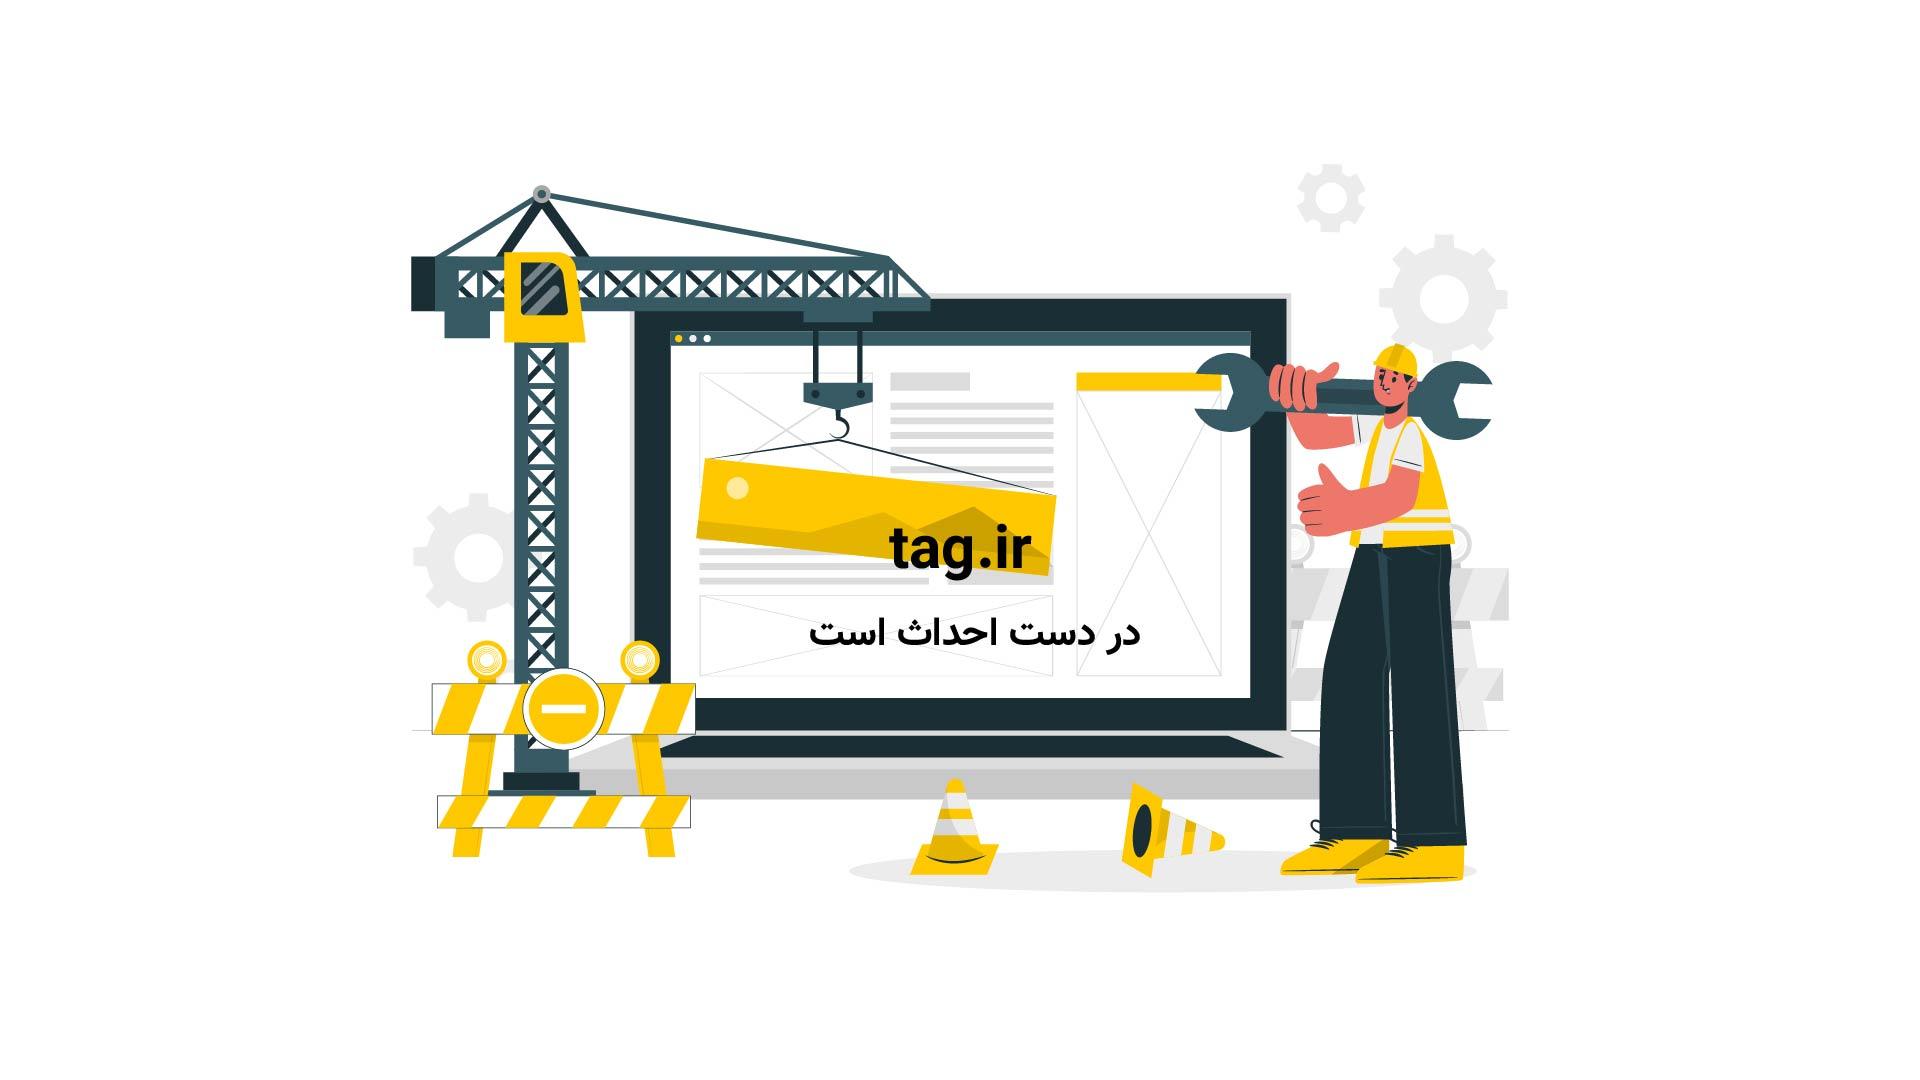 دریاچه نئور | تگ